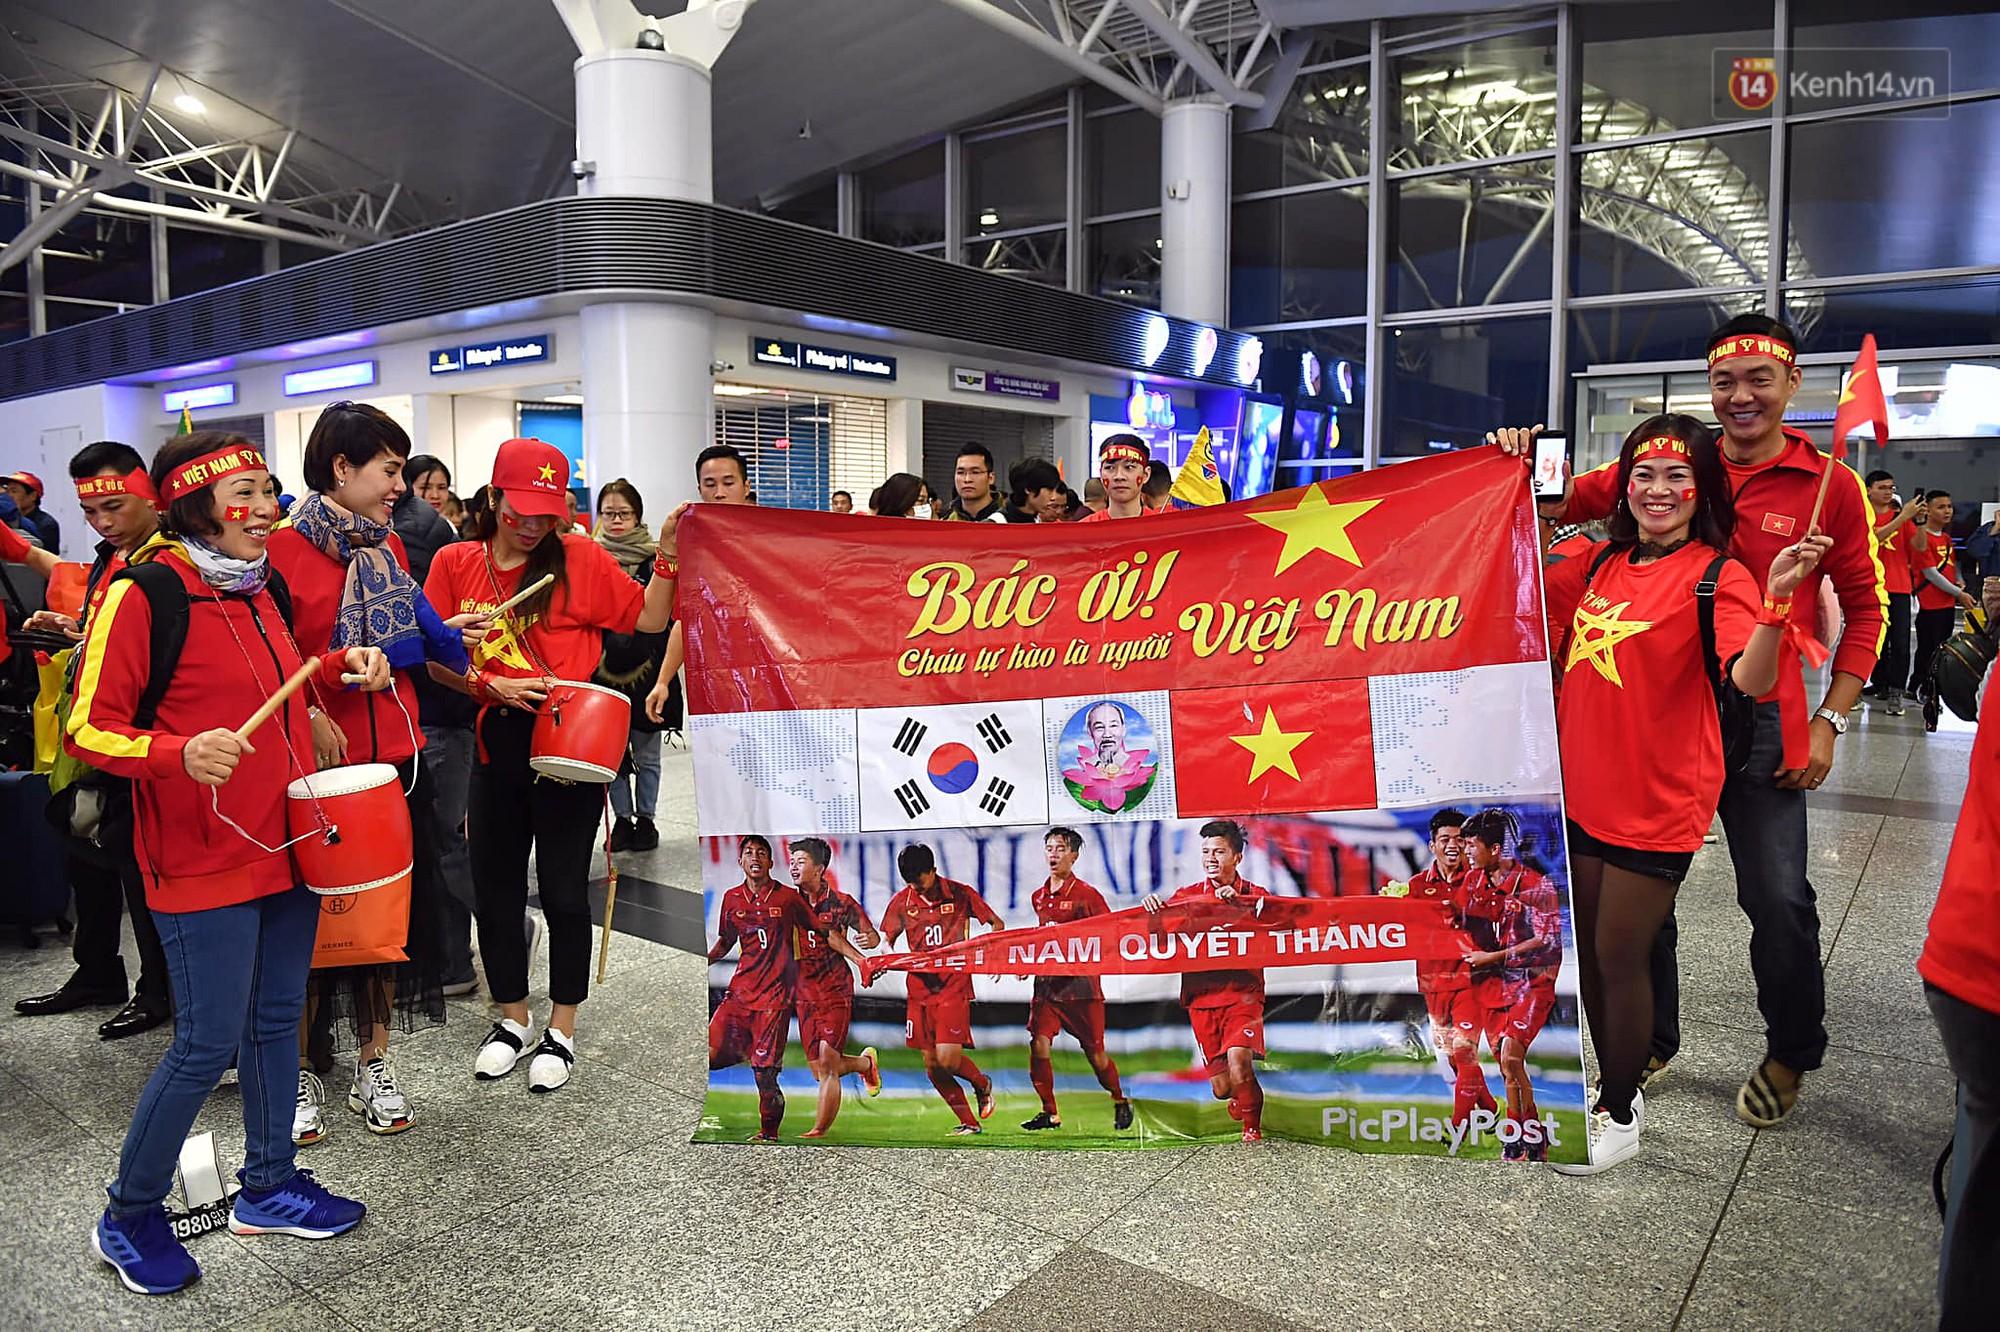 CĐV nhuộm đỏ sân bay Nội Bài và Tân Sơn Nhất, lên đường sang Malaysia tiếp lửa cho ĐT Việt Nam trong trận chung kết AFF Cup - Ảnh 3.